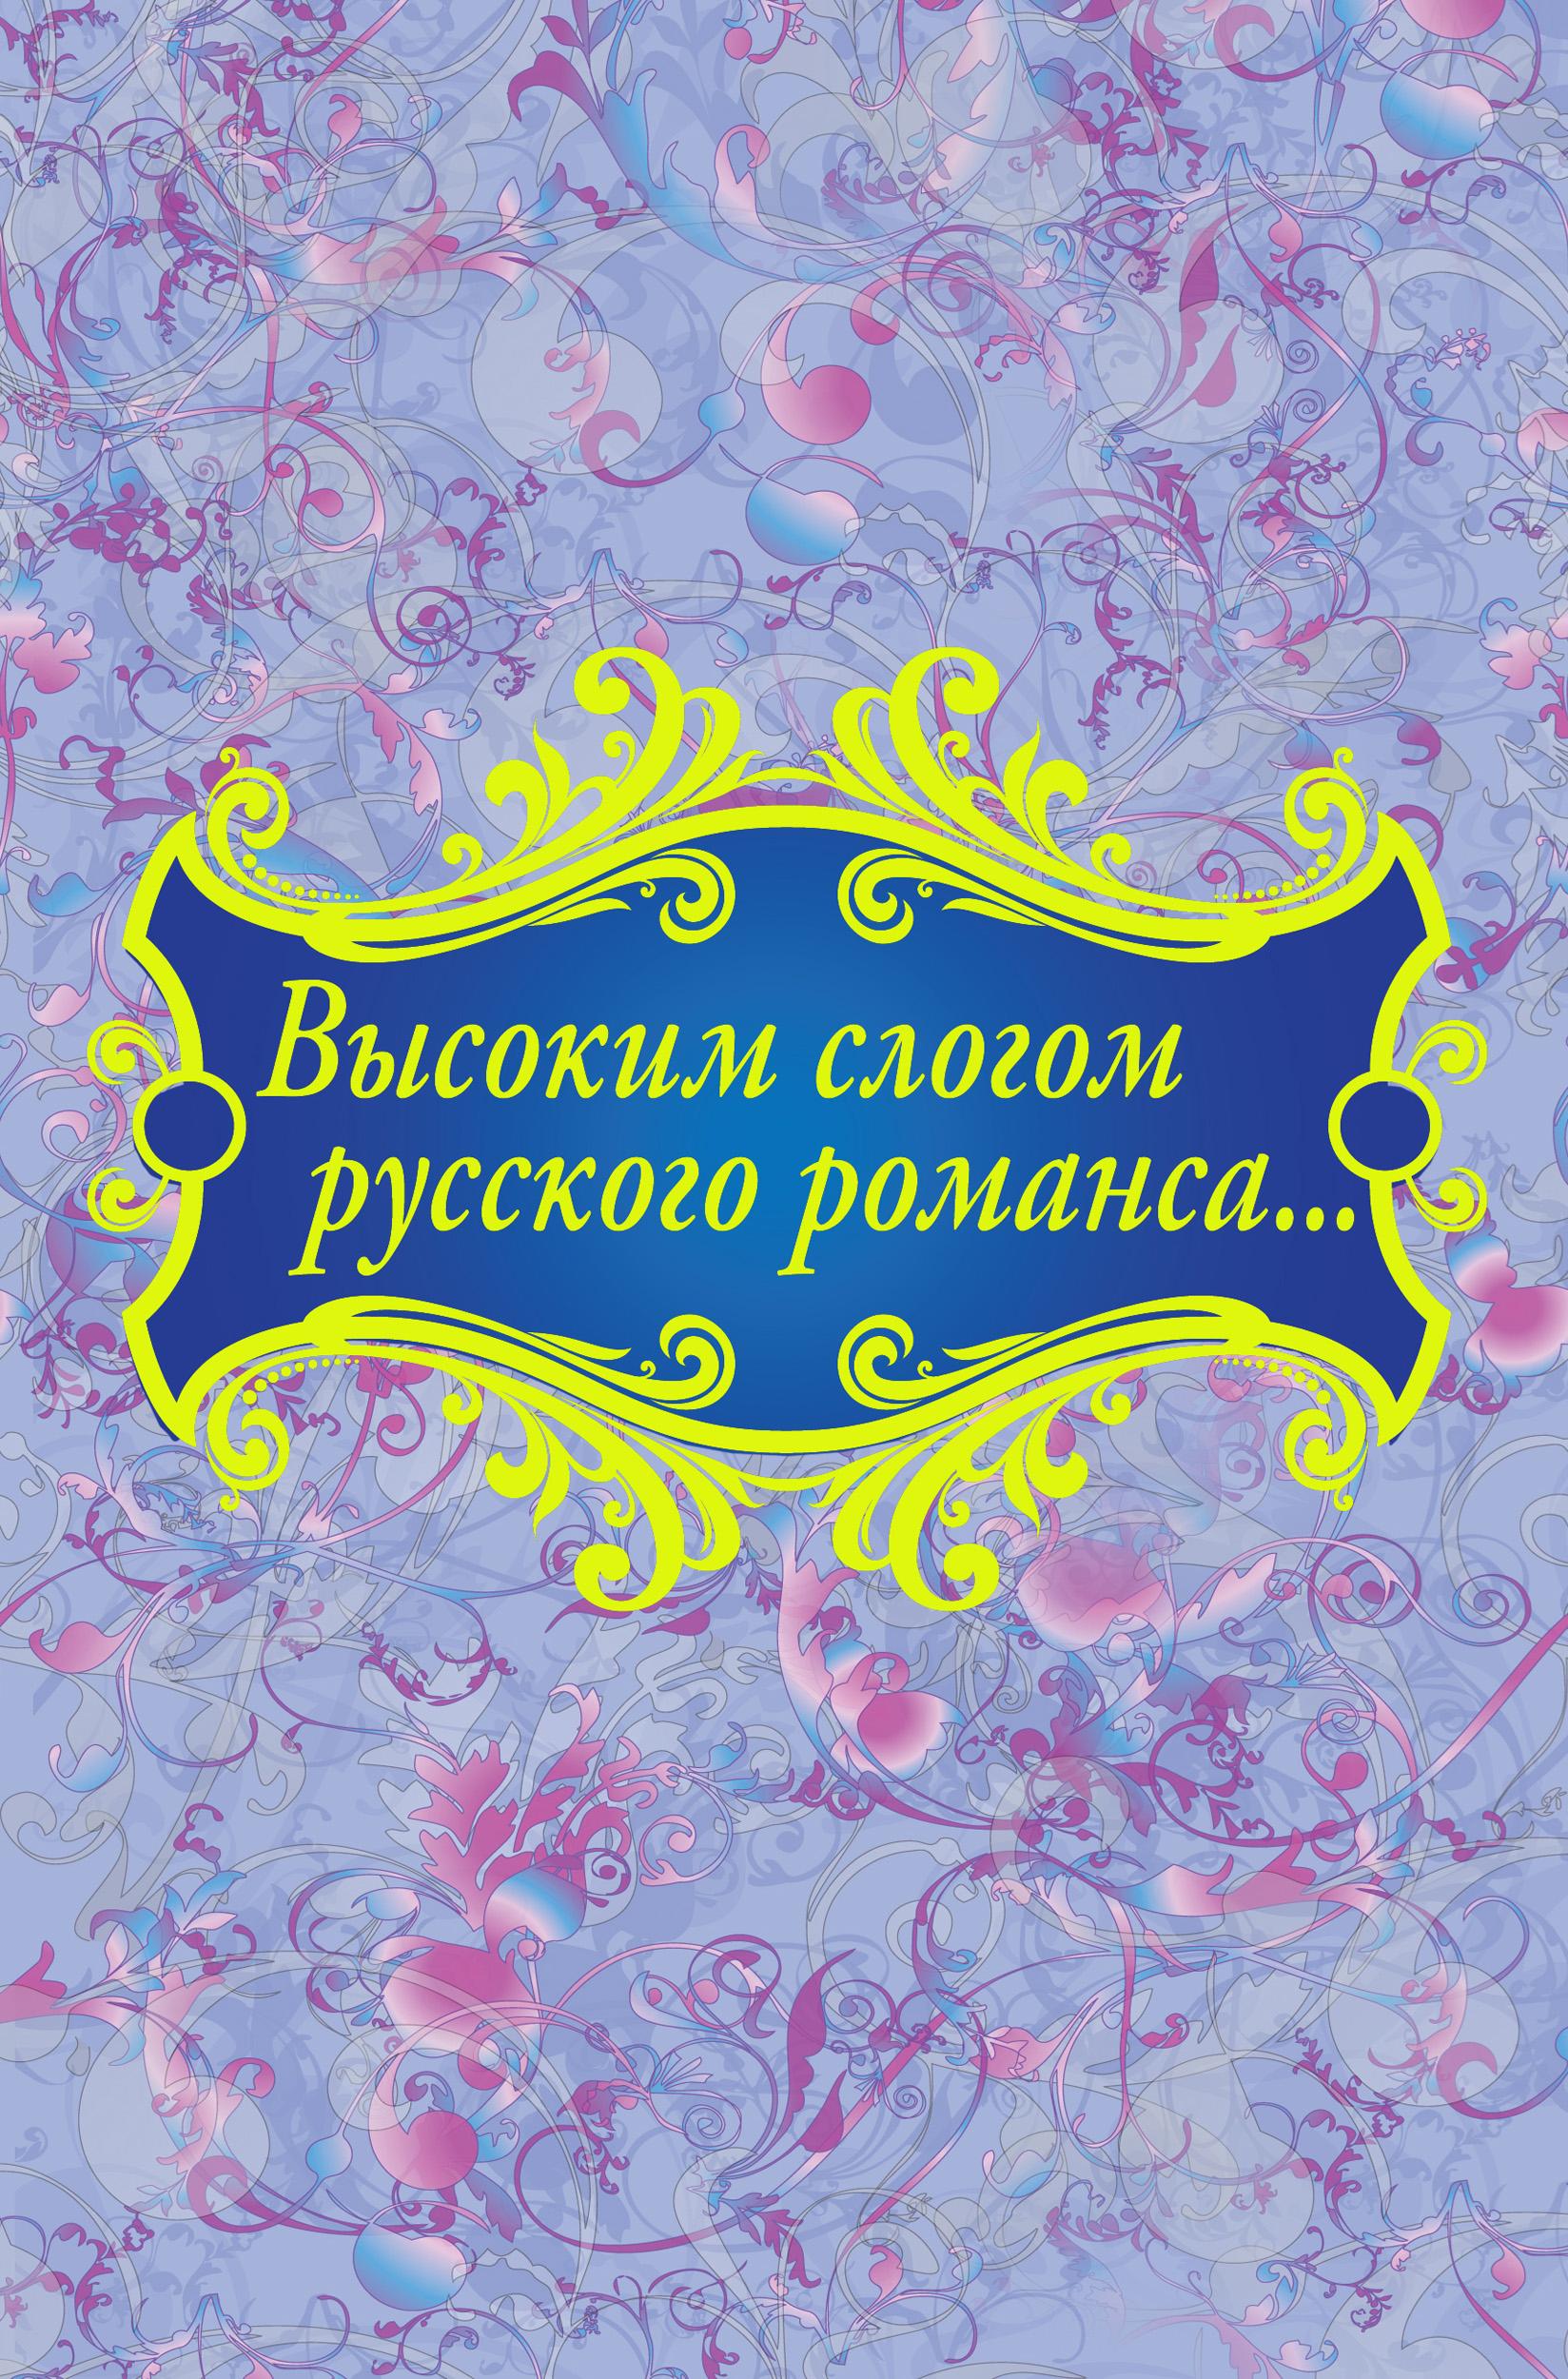 Коллектив авторов Высоким слогом русского романса… (сборник) все цены